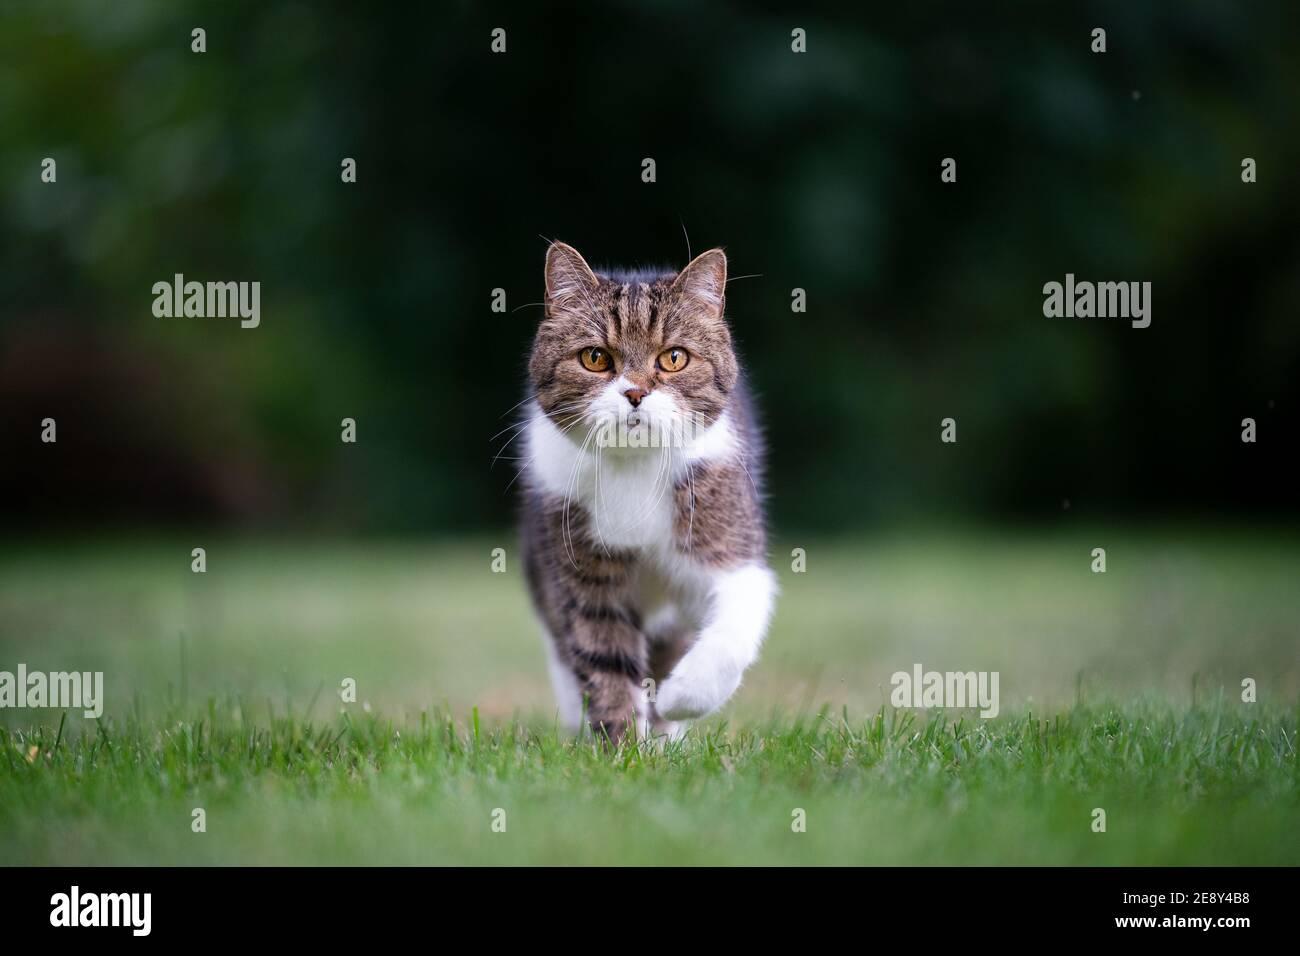 Entschlossene Katze Stockfotos und  bilder Kaufen   Alamy